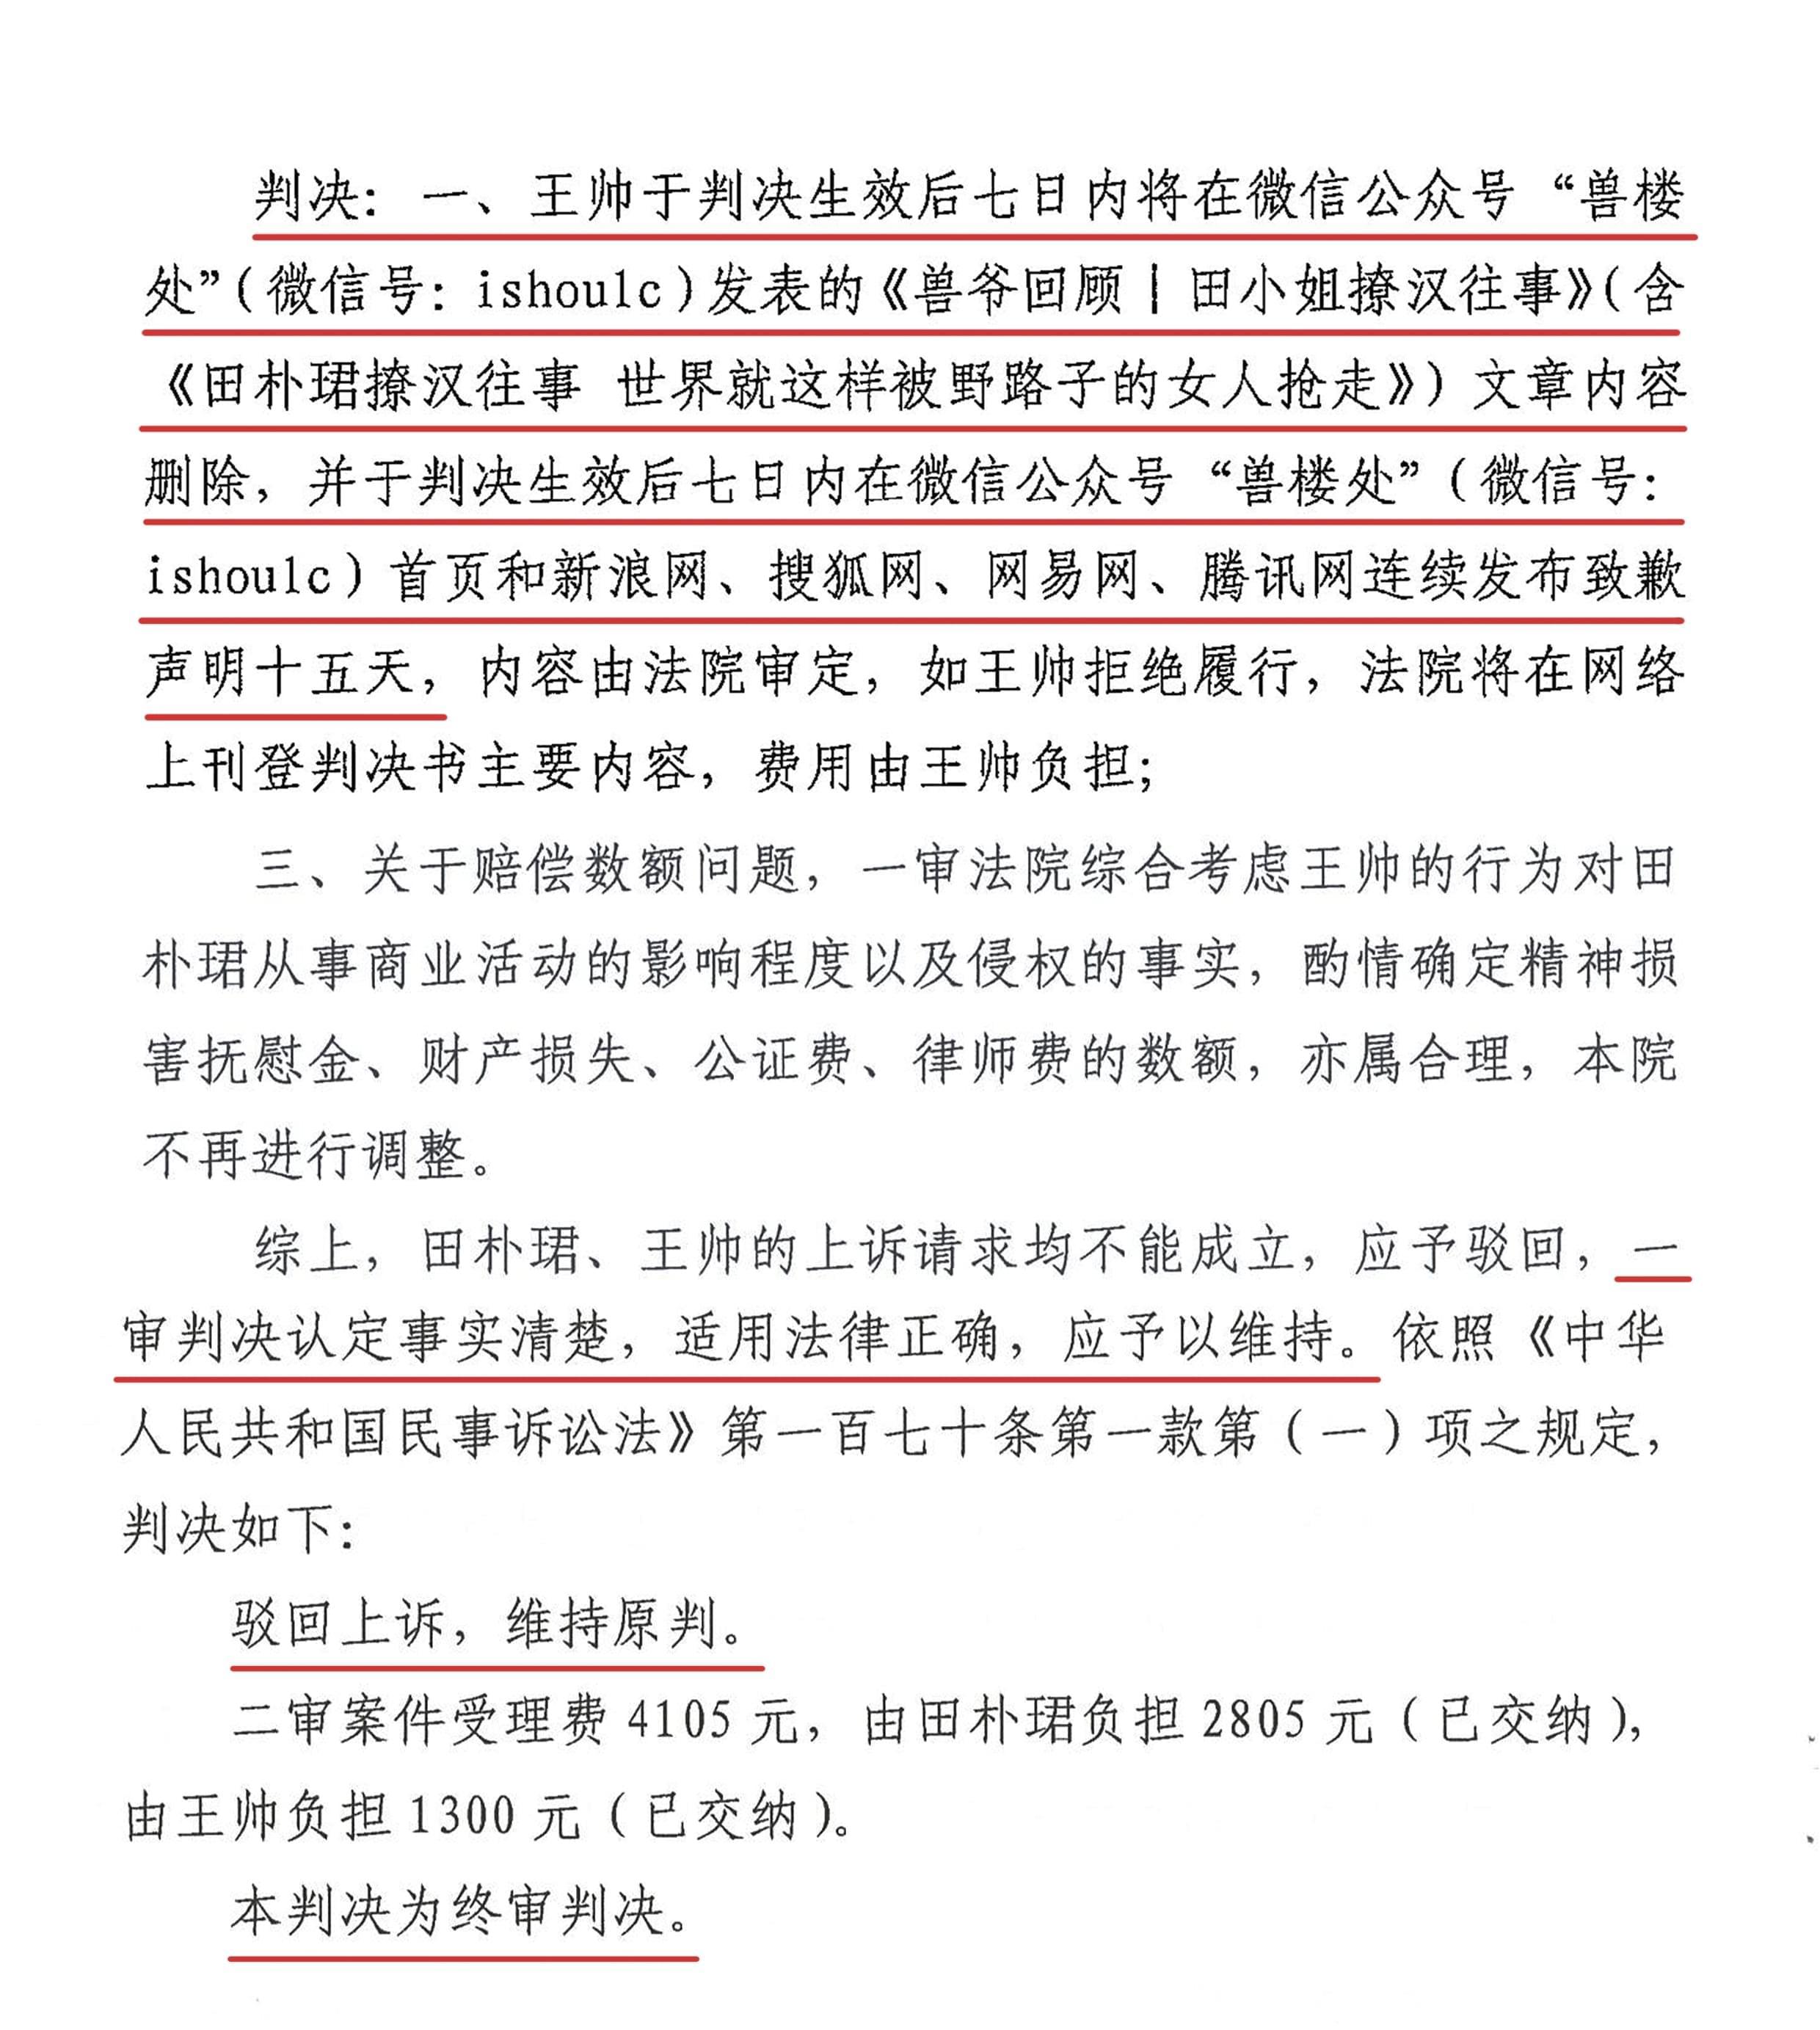 田朴珺名誉侵权案终审判决获胜 谣言不攻自破